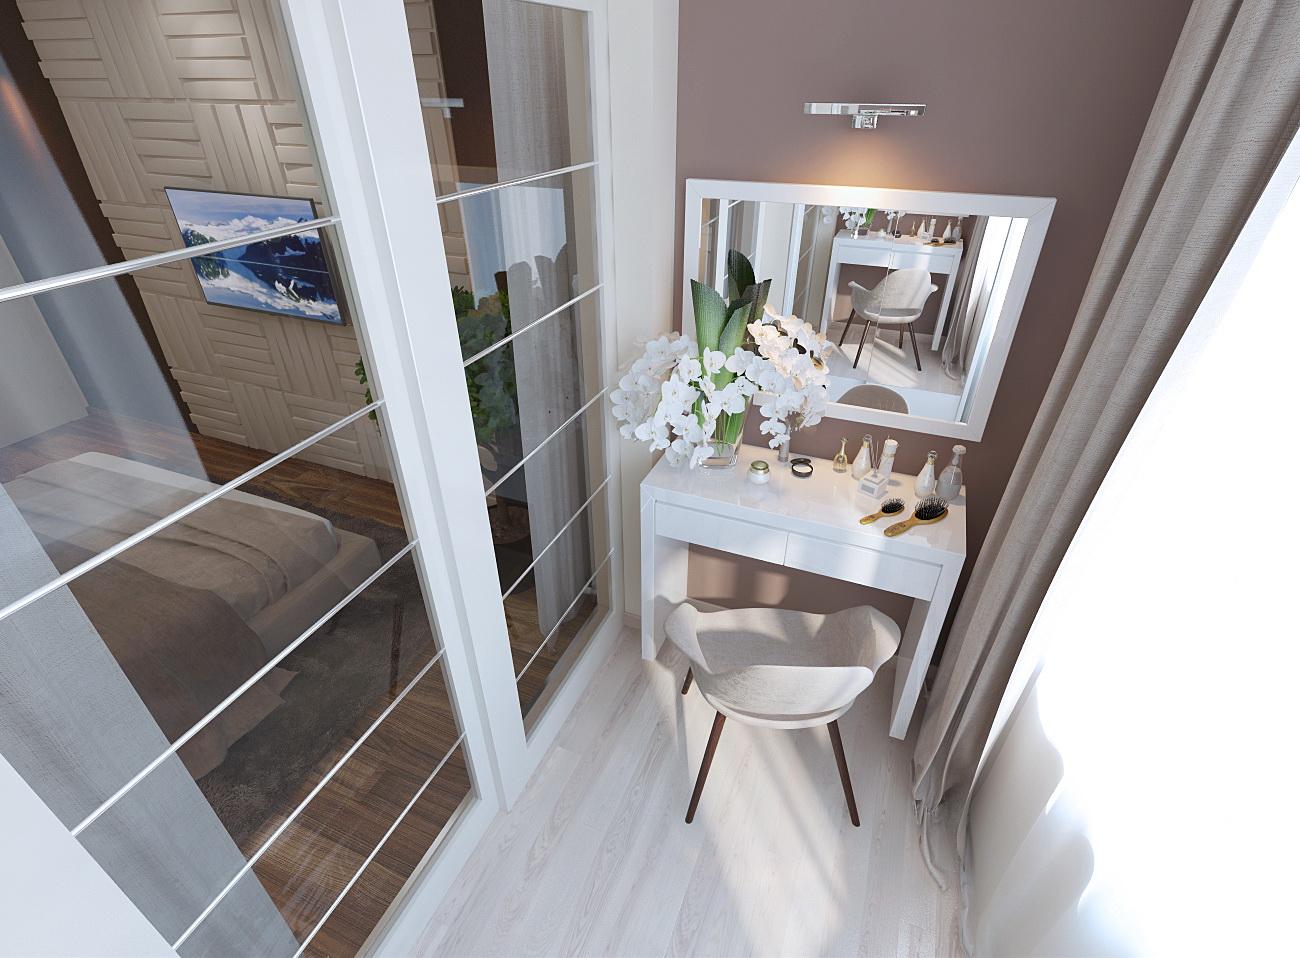 Дизайн проект интерьера спальни 14 кв.м. в современном стиле.